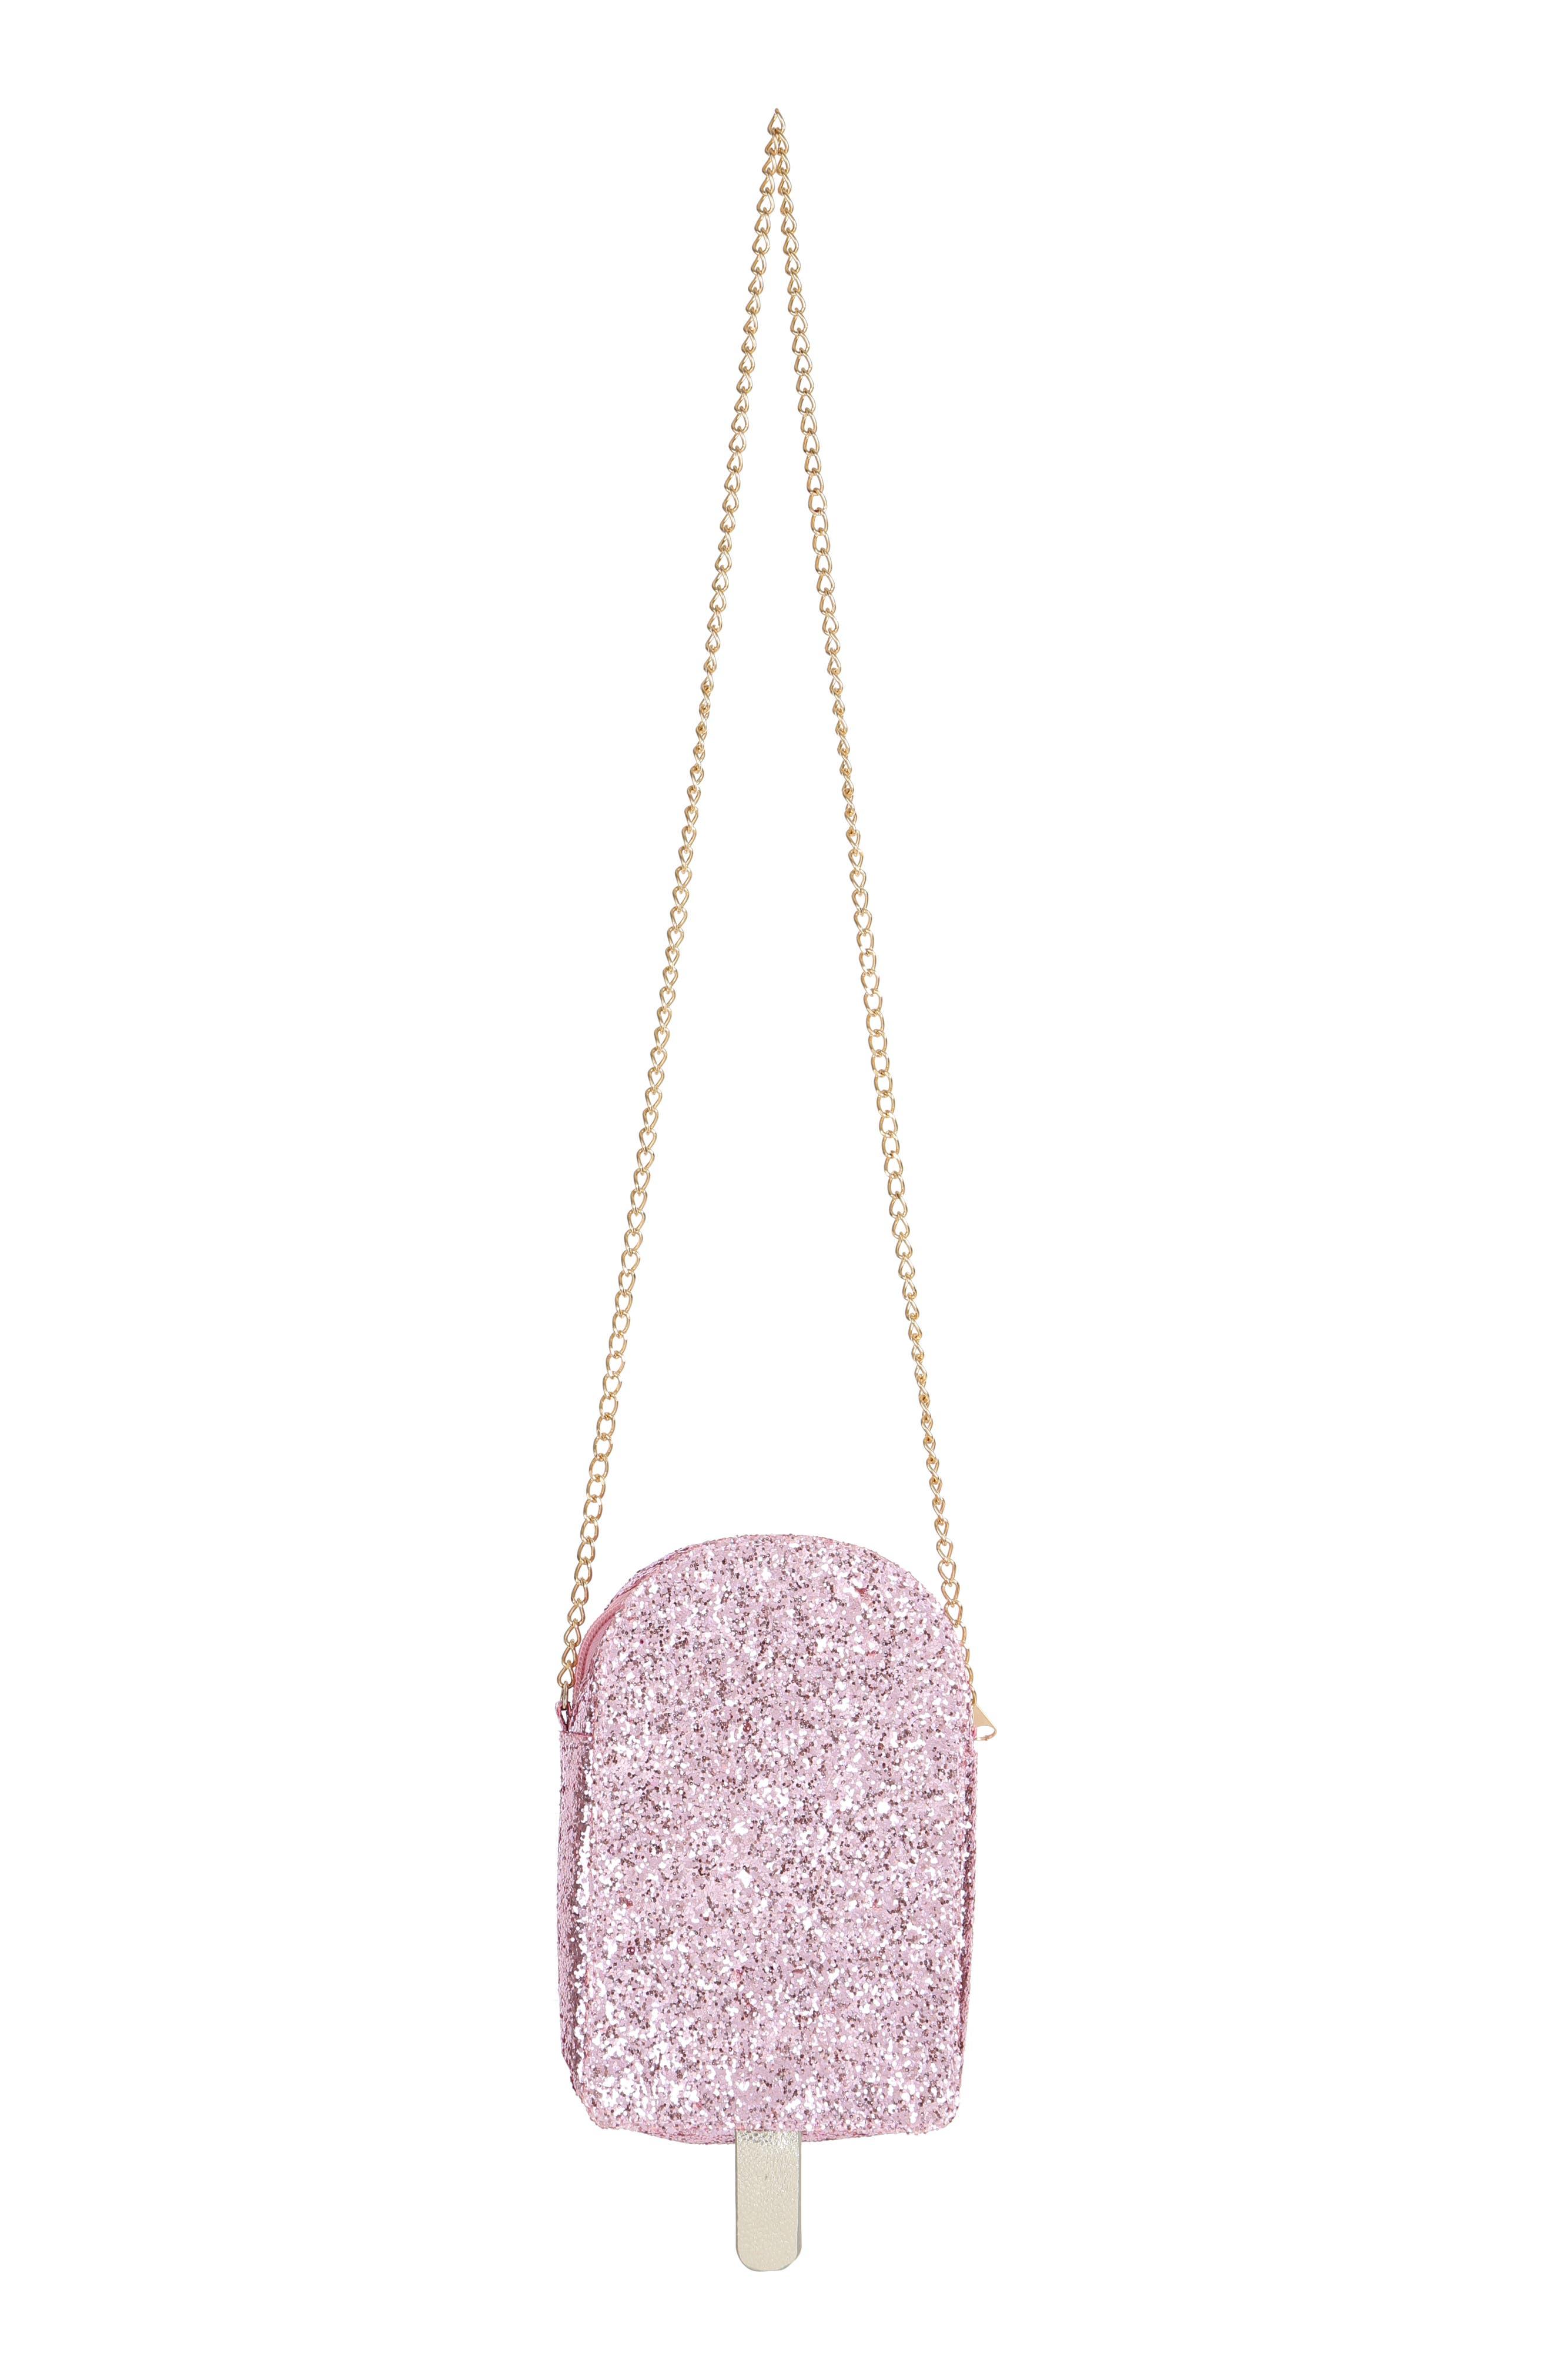 Ice Pop Glitter Shoulder Bag,                             Alternate thumbnail 2, color,                             PINK COMBO